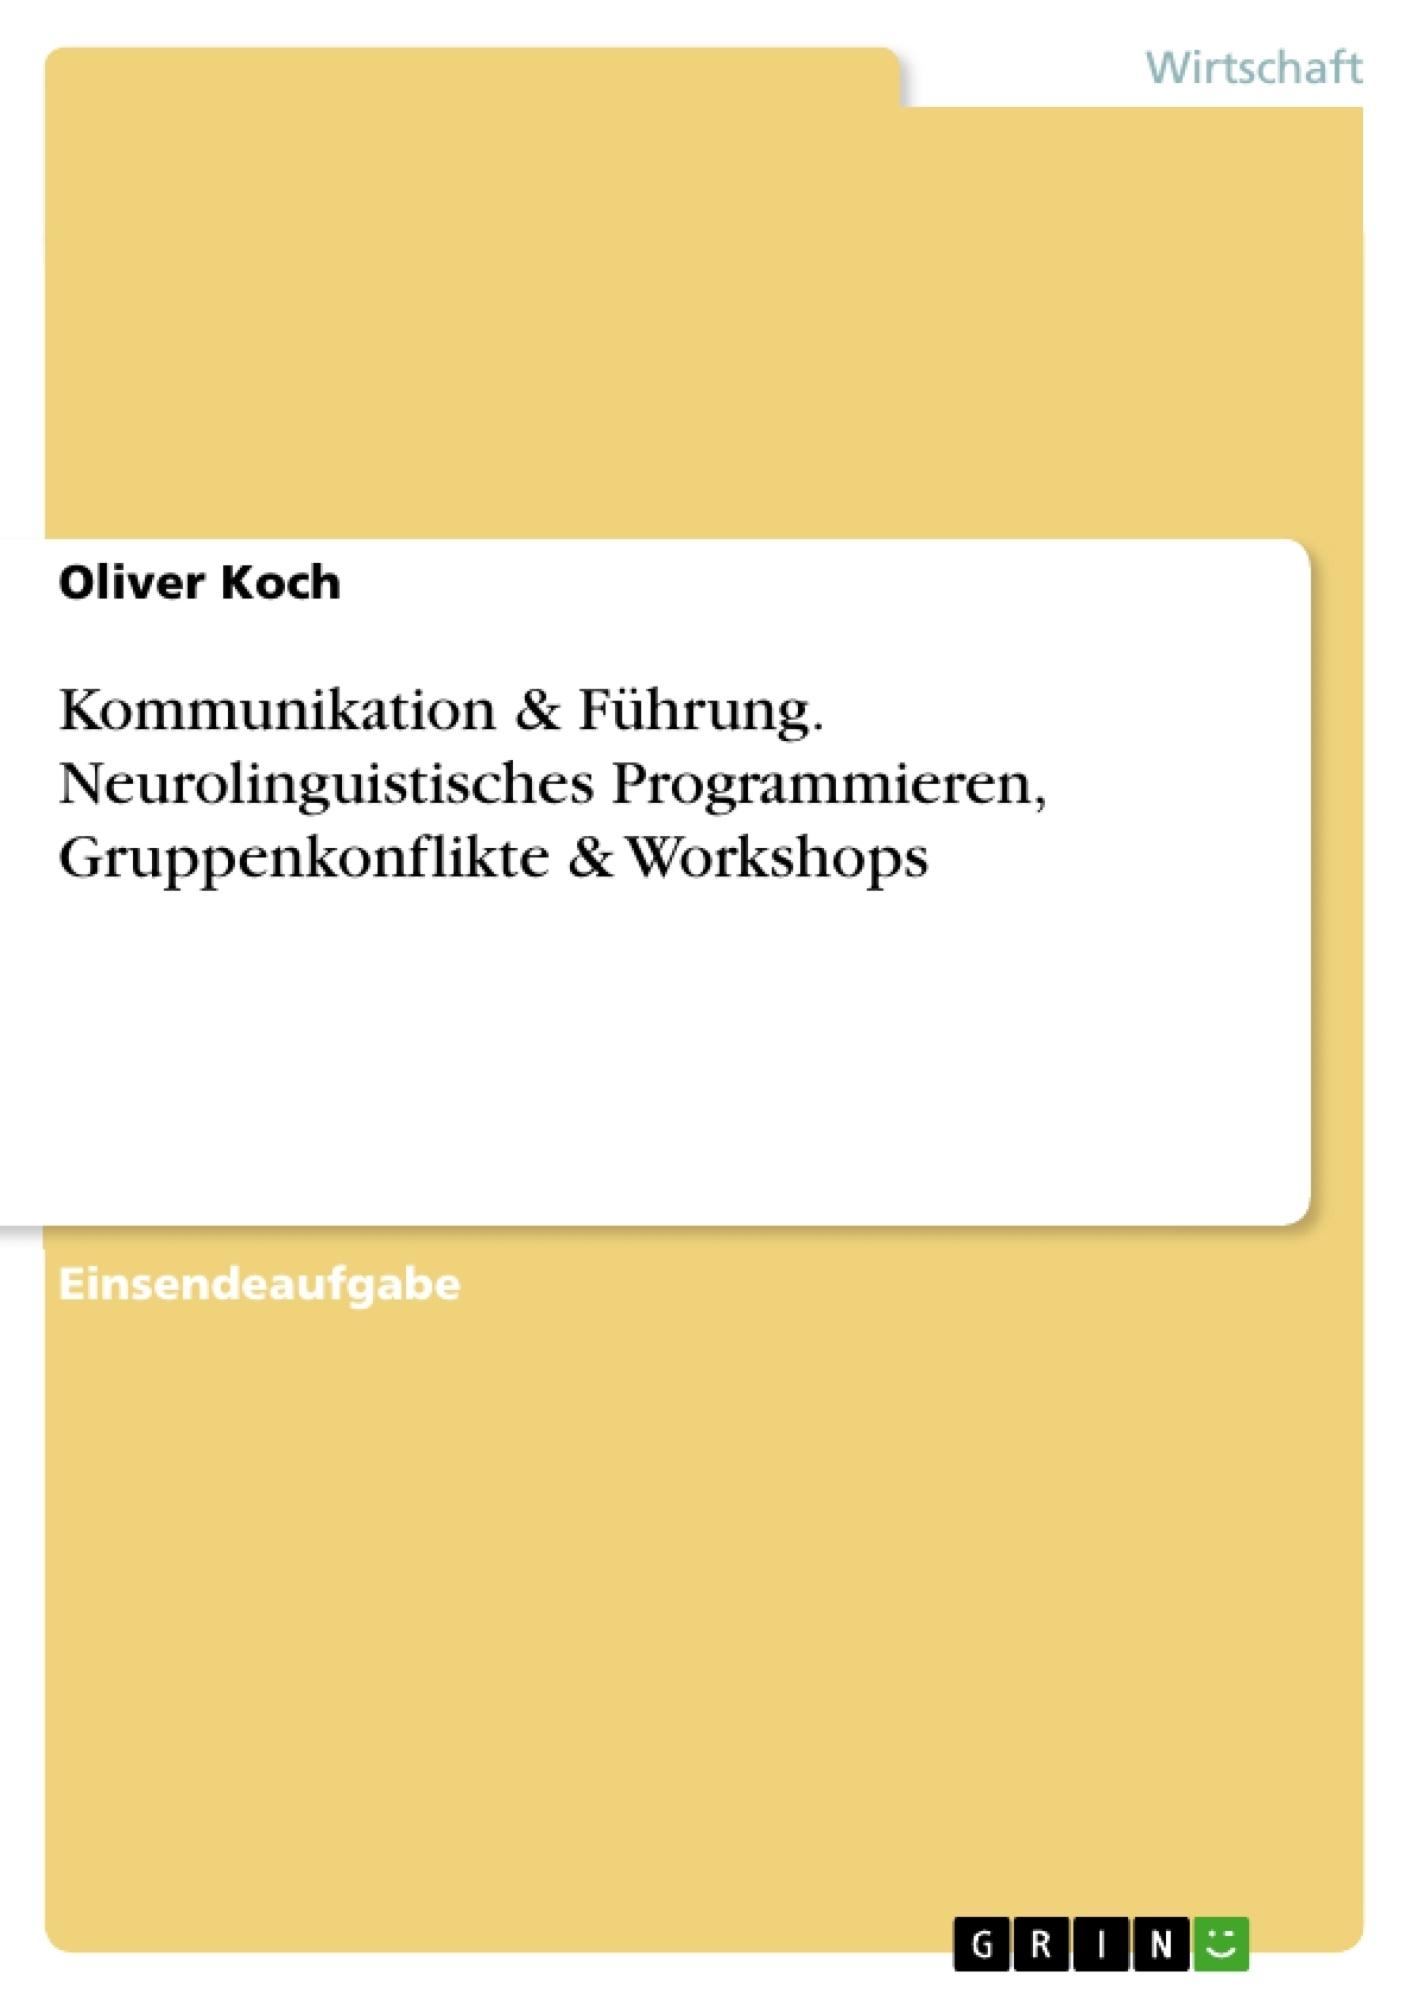 Titel: Kommunikation & Führung. Neurolinguistisches Programmieren, Gruppenkonflikte & Workshops